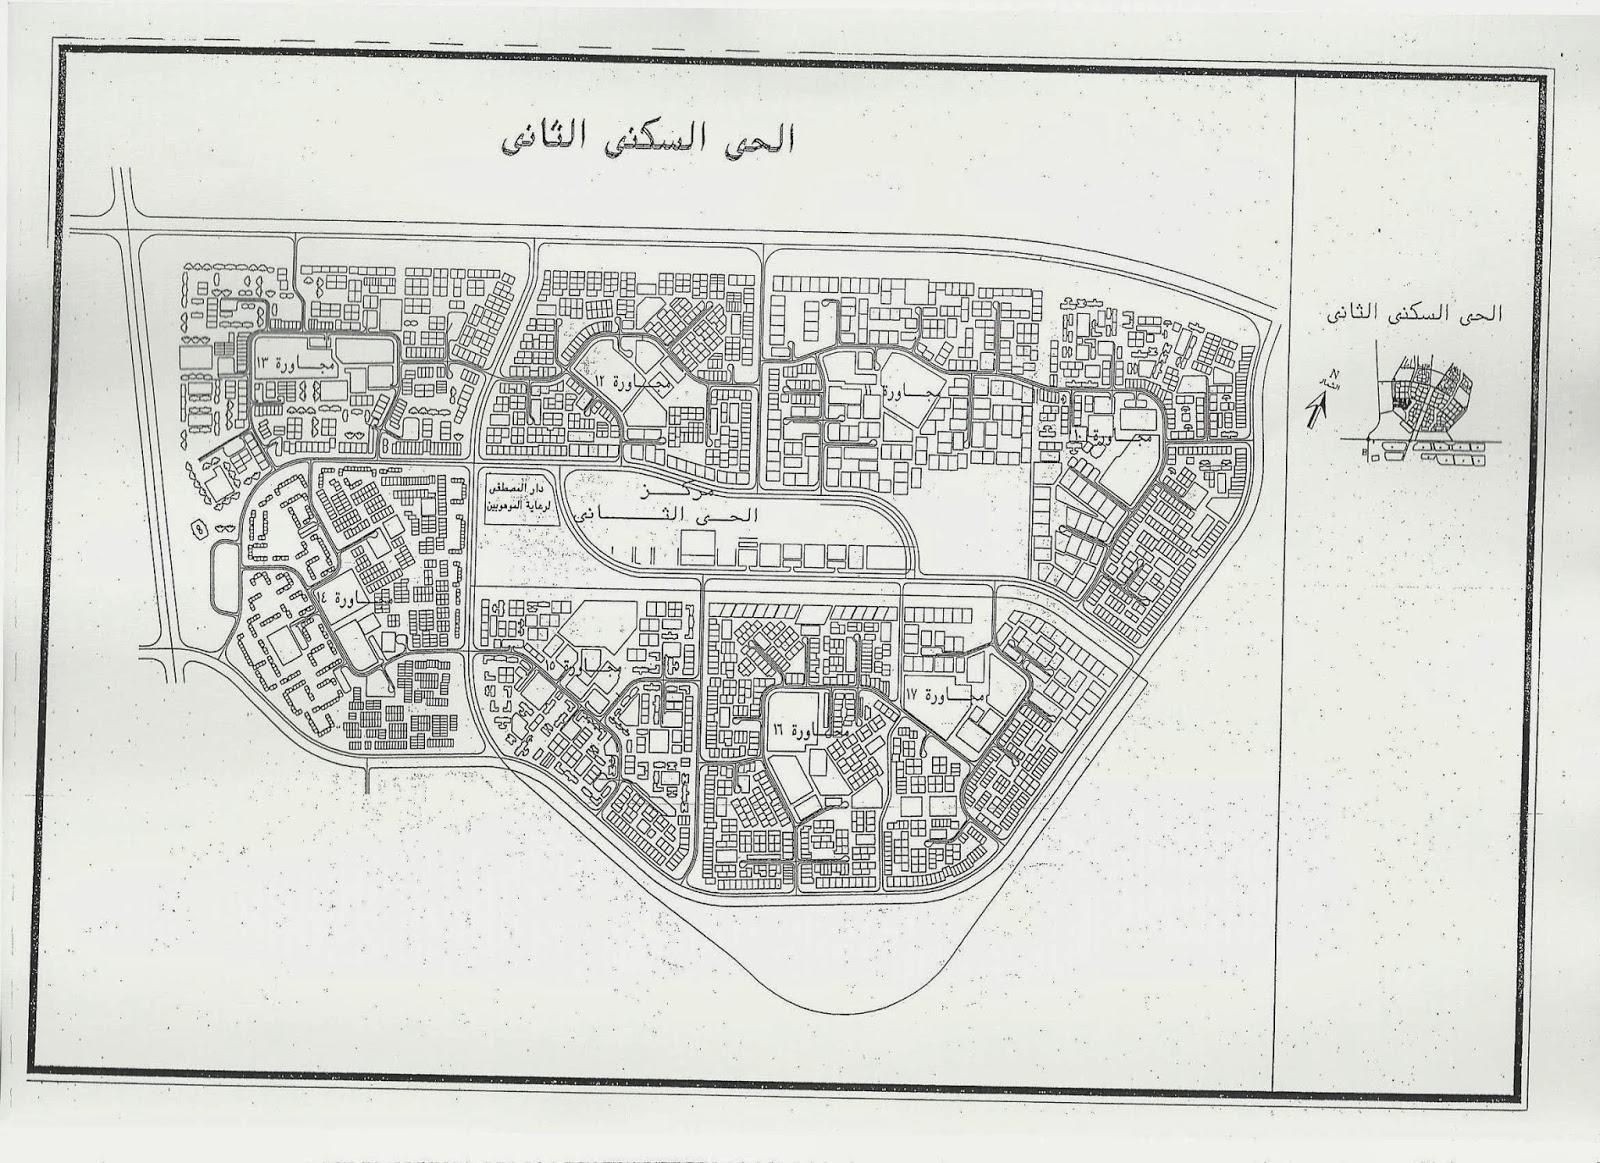 خريطة الحي السكني الثاني بالعاشر من رمضان